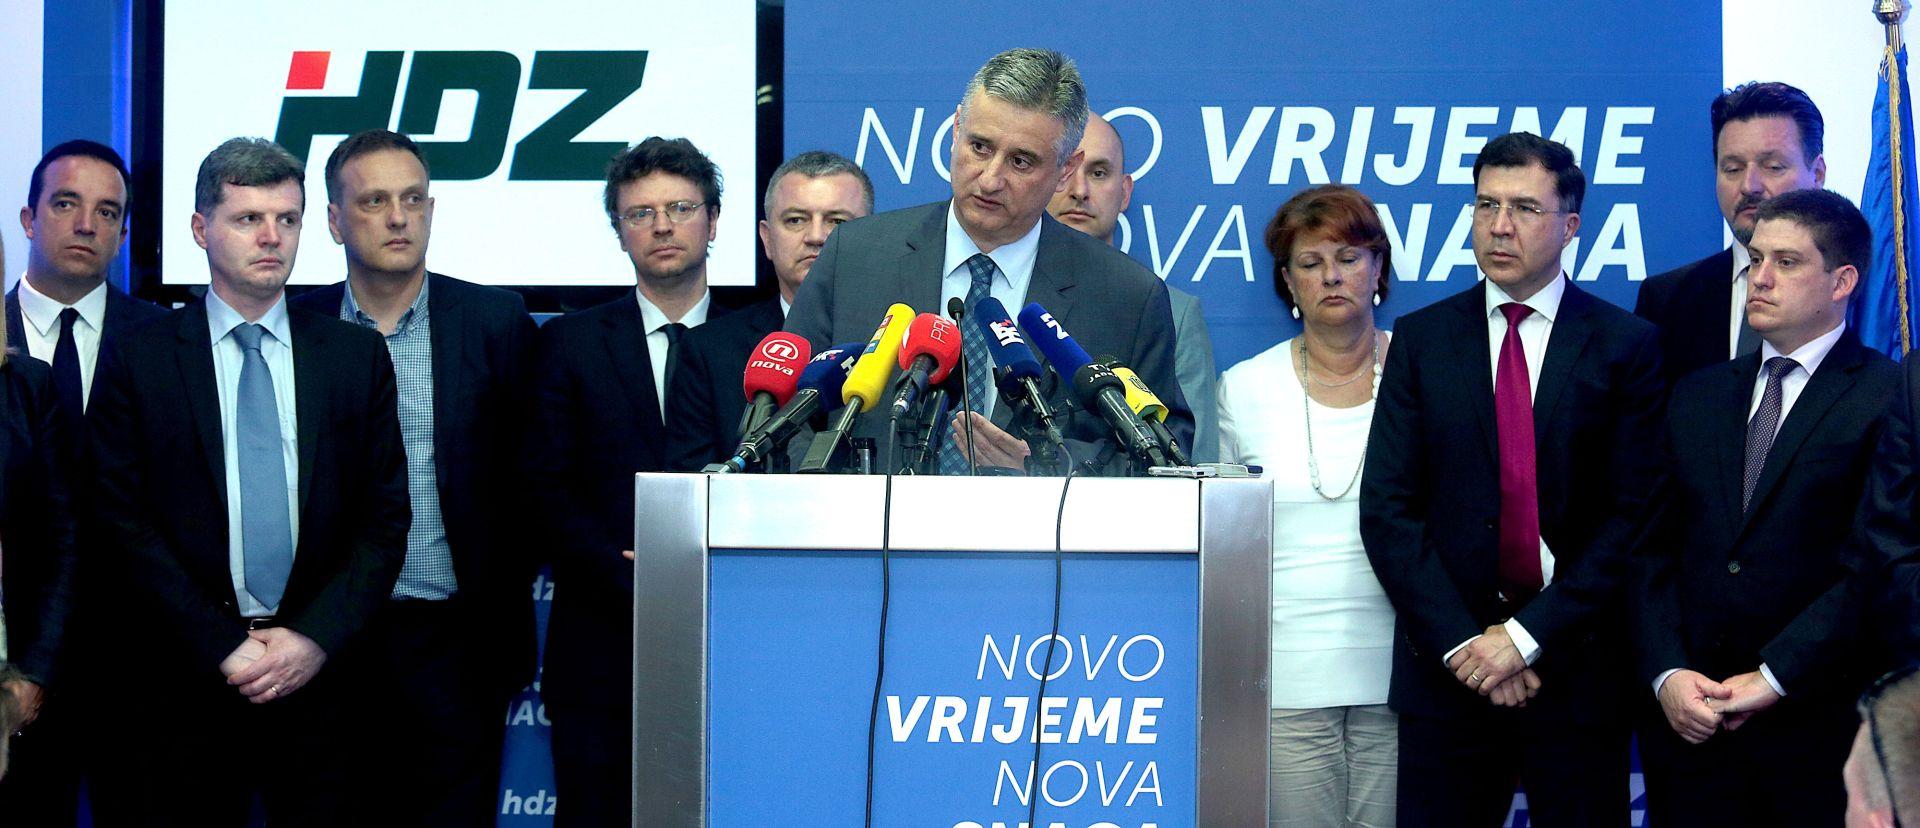 SASTANAK PREDSJEDNIŠTVA HDZ-a: Danas će se tražiti Karamarkova ostavka ili slijedi njegovo rušenje